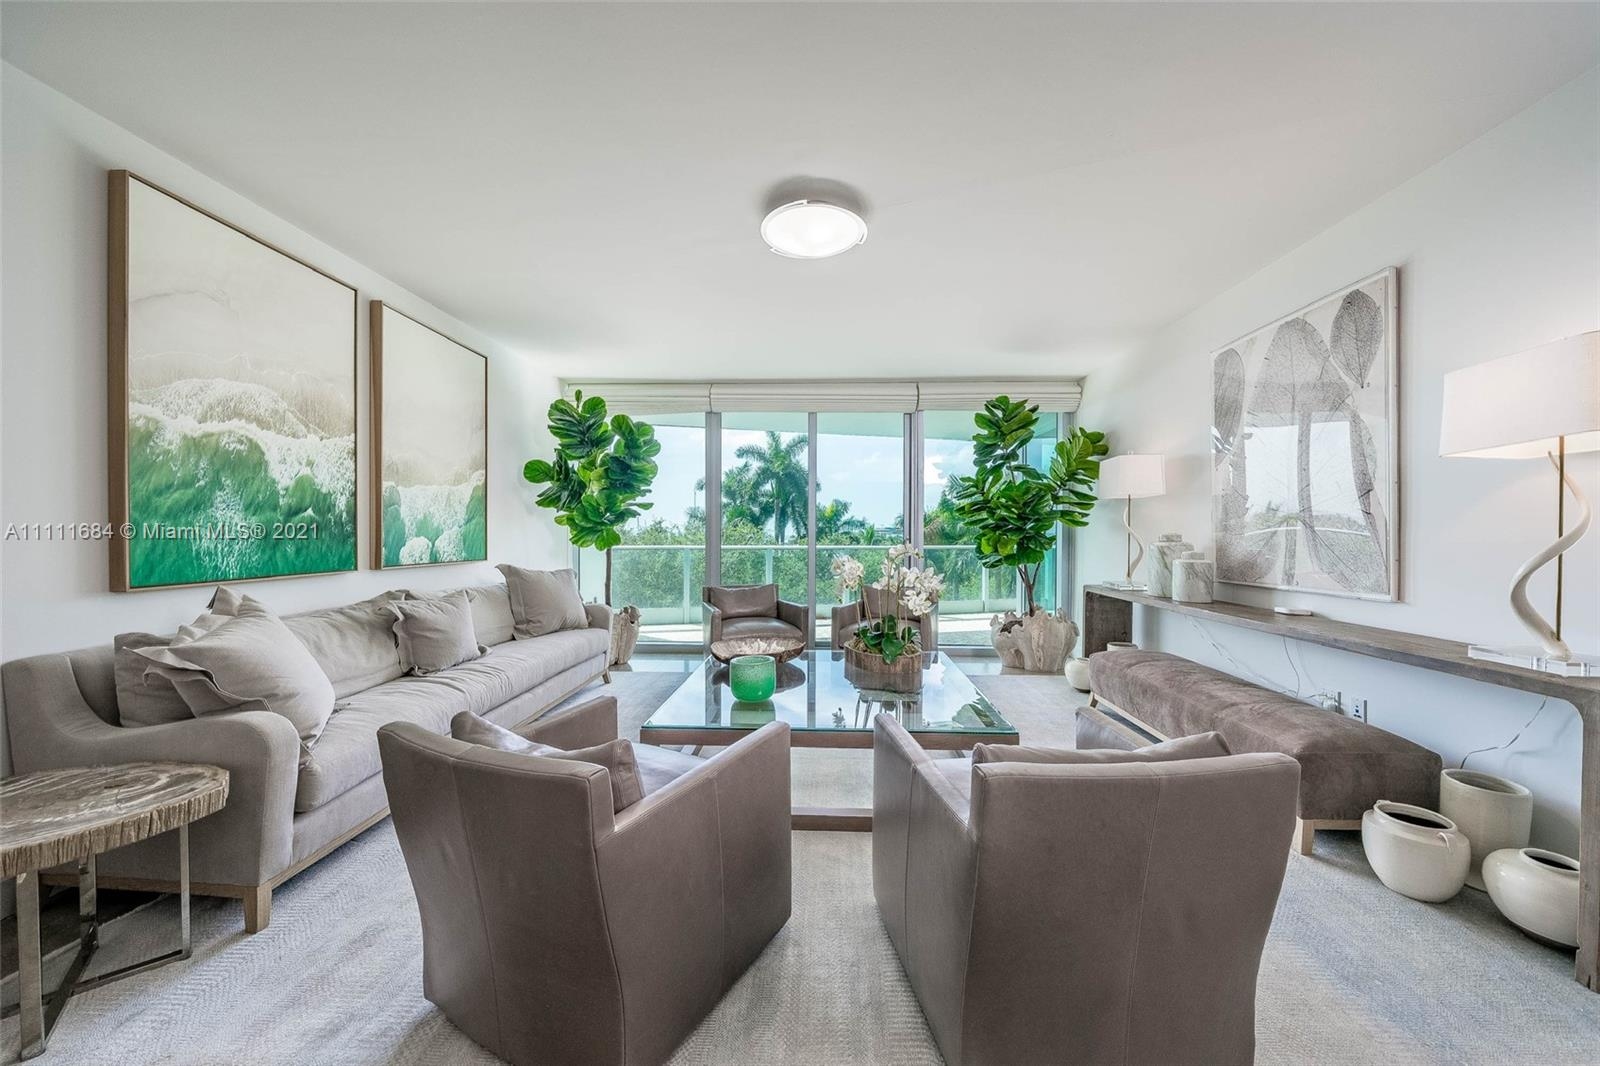 GROVENOR HOUSE CONDO Condo,For Sale,GROVENOR HOUSE CONDO Brickell,realty,broker,condos near me